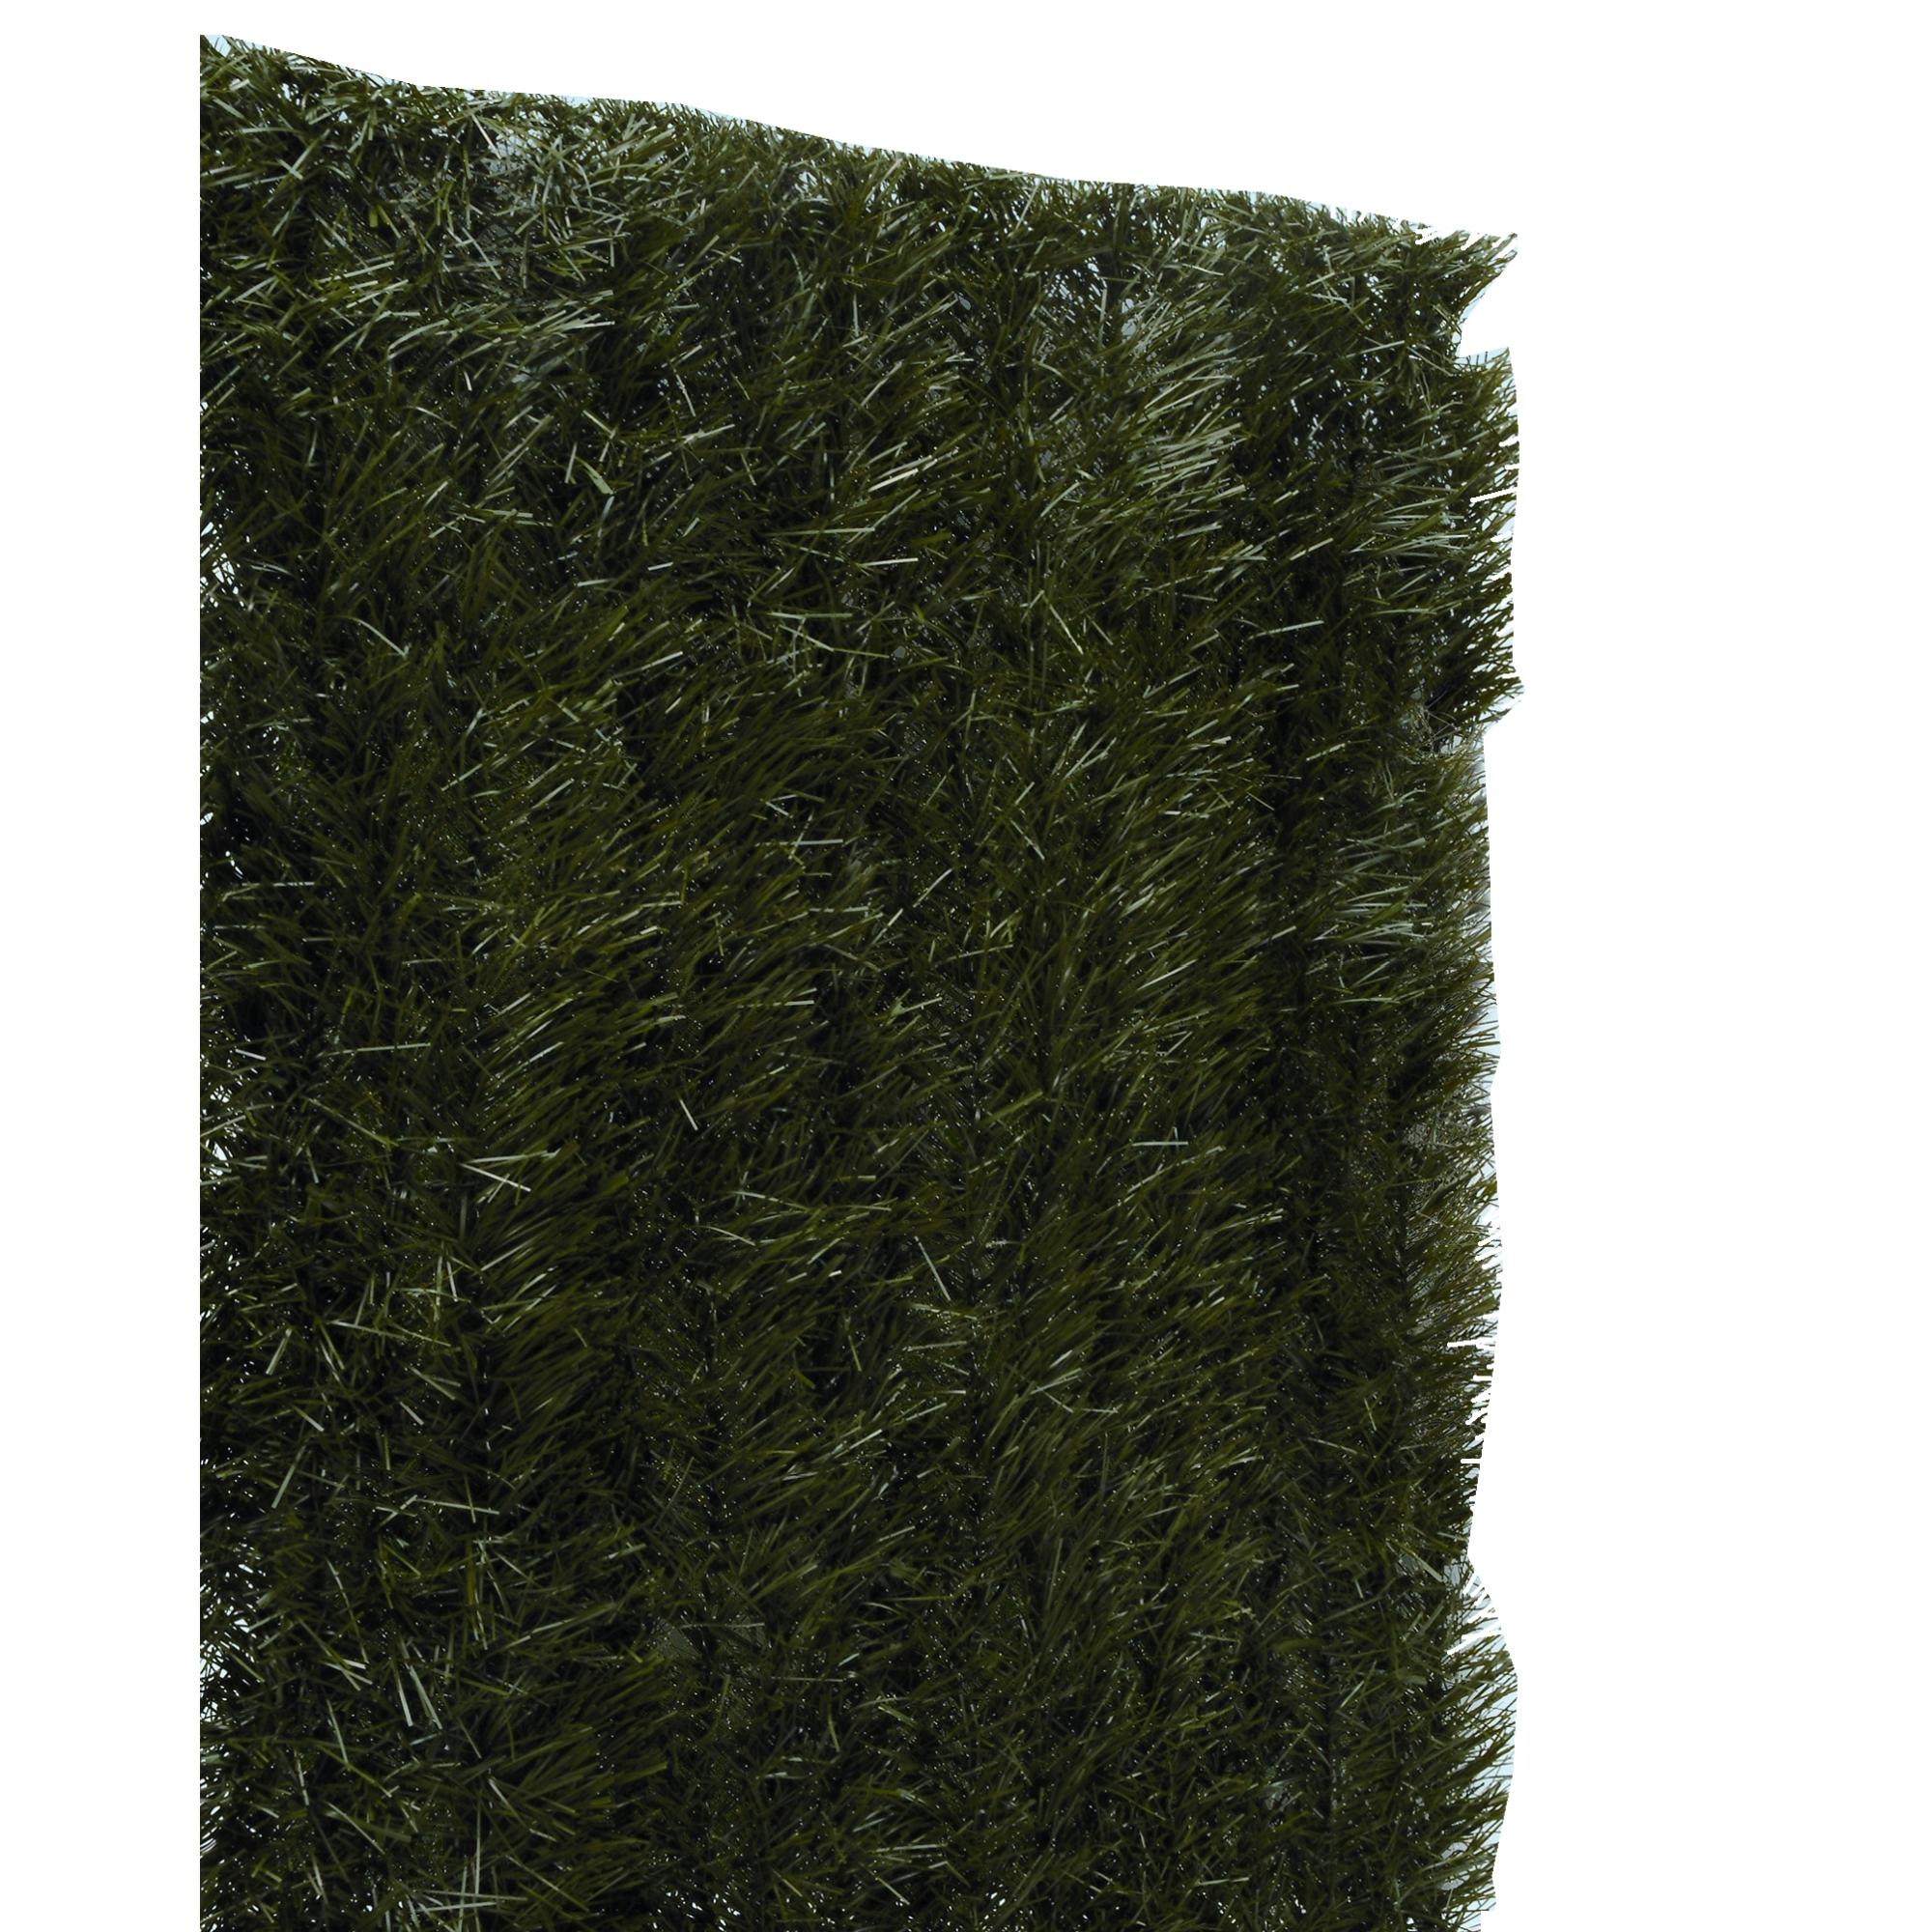 Haie artificielle Canada 200x300 cm vert